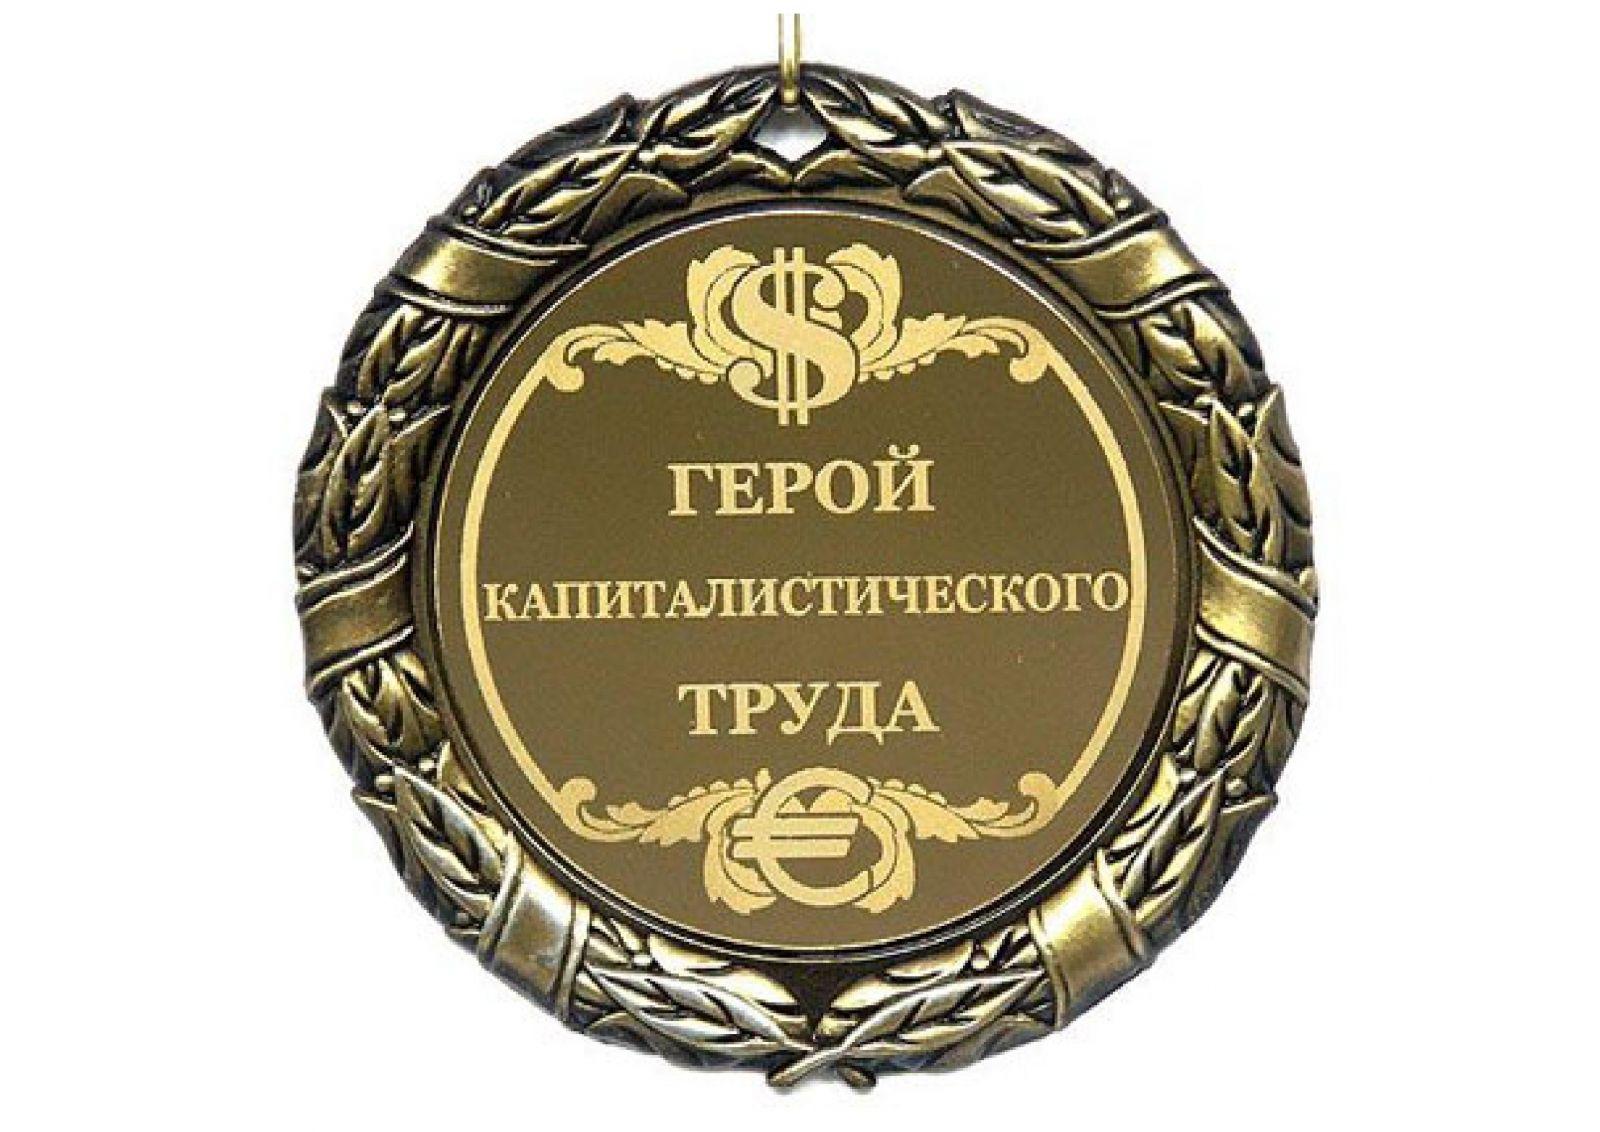 Поздравления с медалью за труд